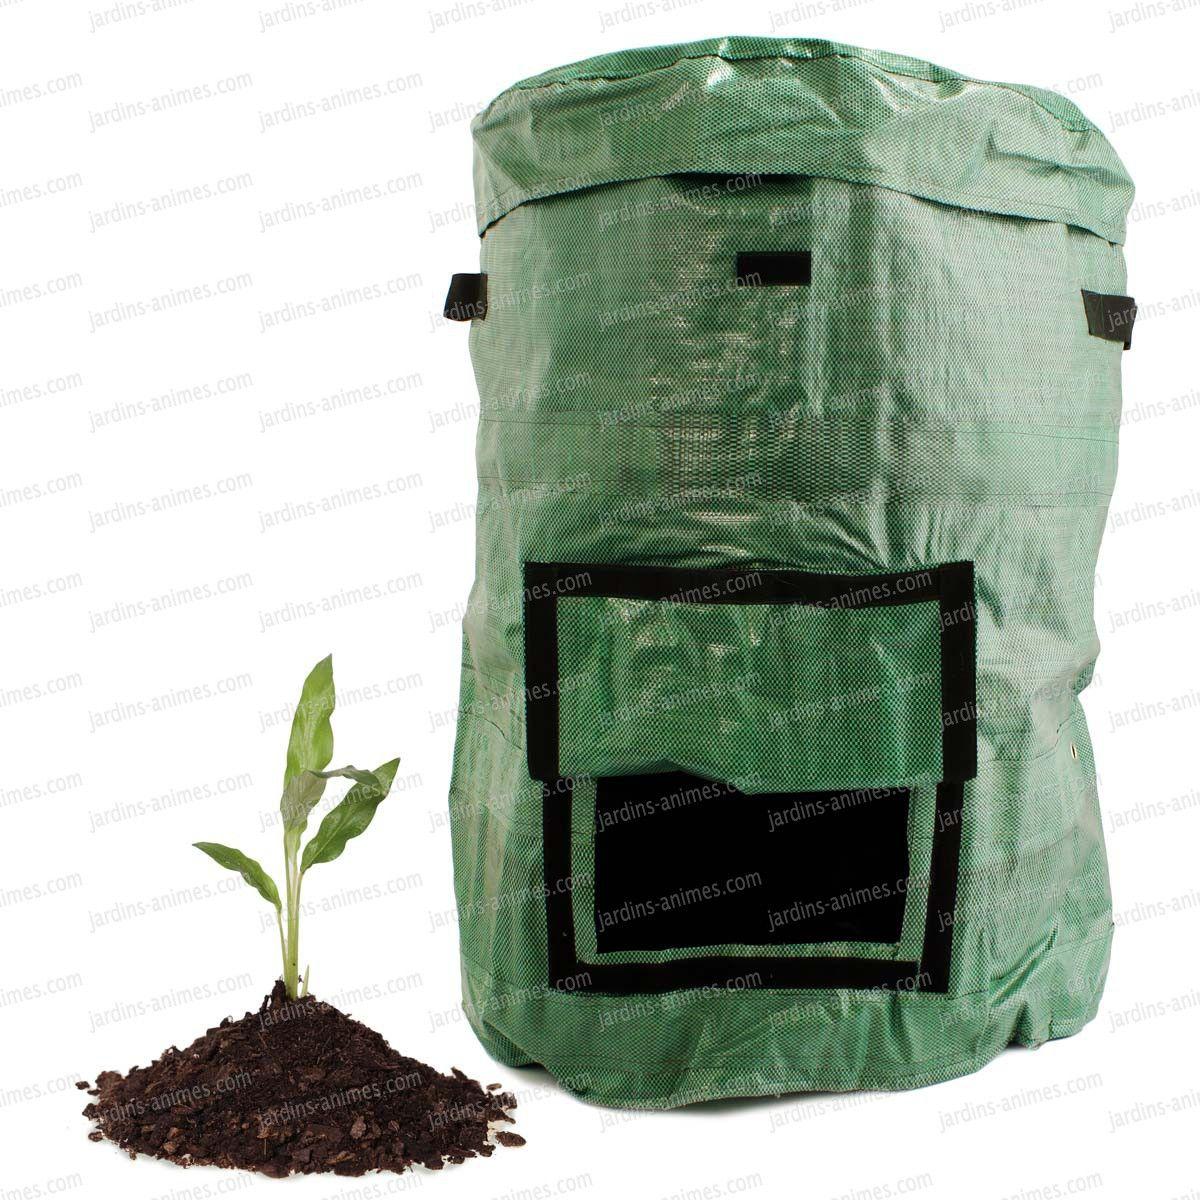 Un composteur pliable pour le jardin. Pratique ce sac à composter il se déplie pour former un composteur facile à déplacer et à ranger. Bien équipé et...